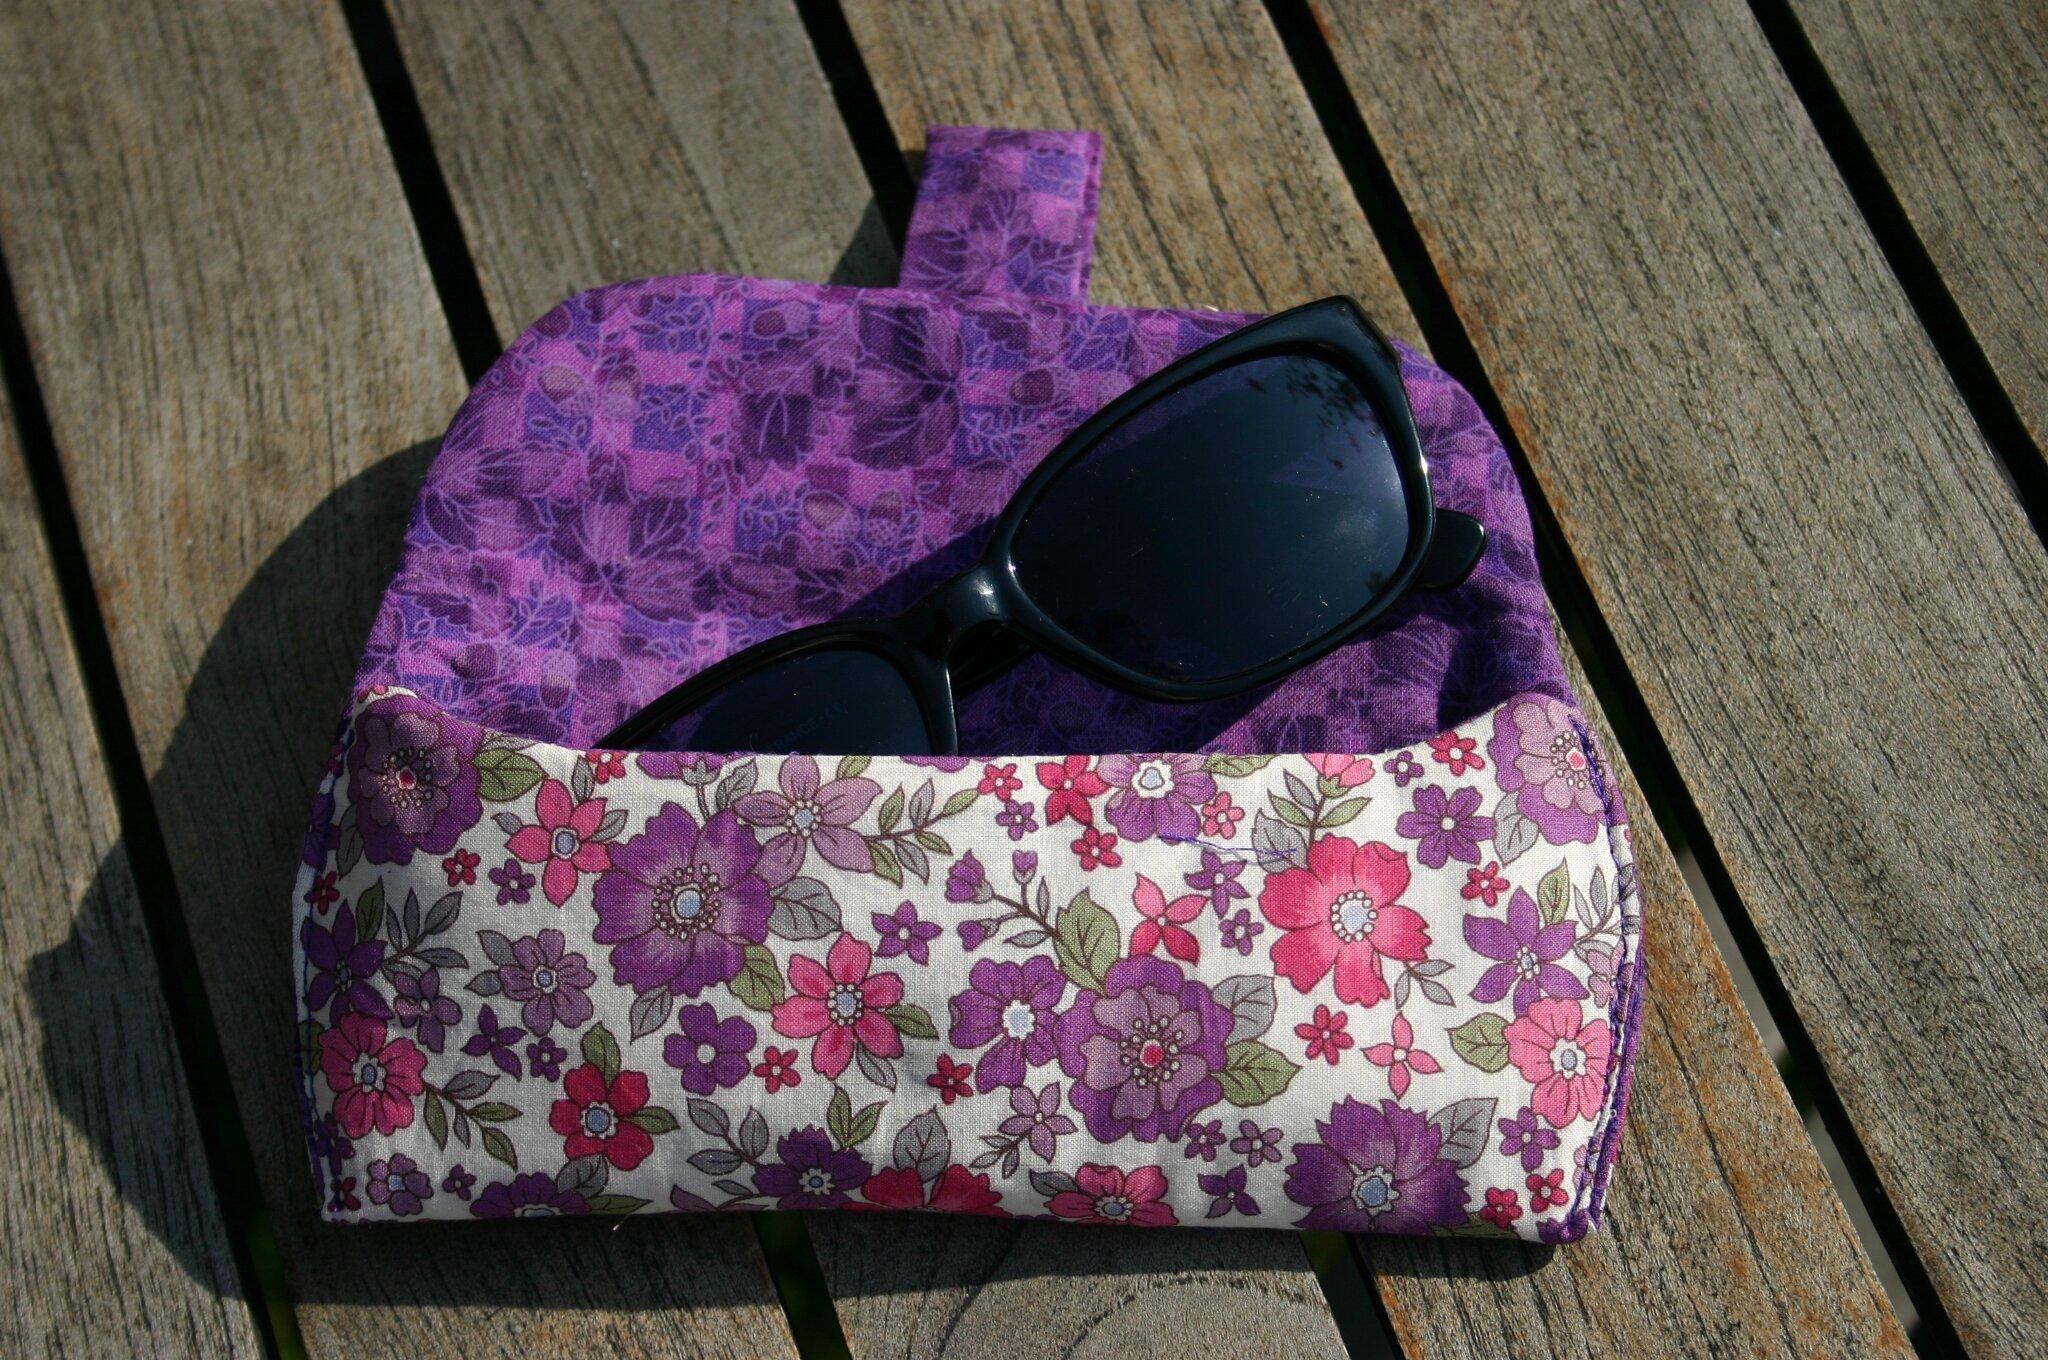 emballage élégant et robuste les ventes en gros apparence élégante Etui à lunettes et son tuto. - naniecousette